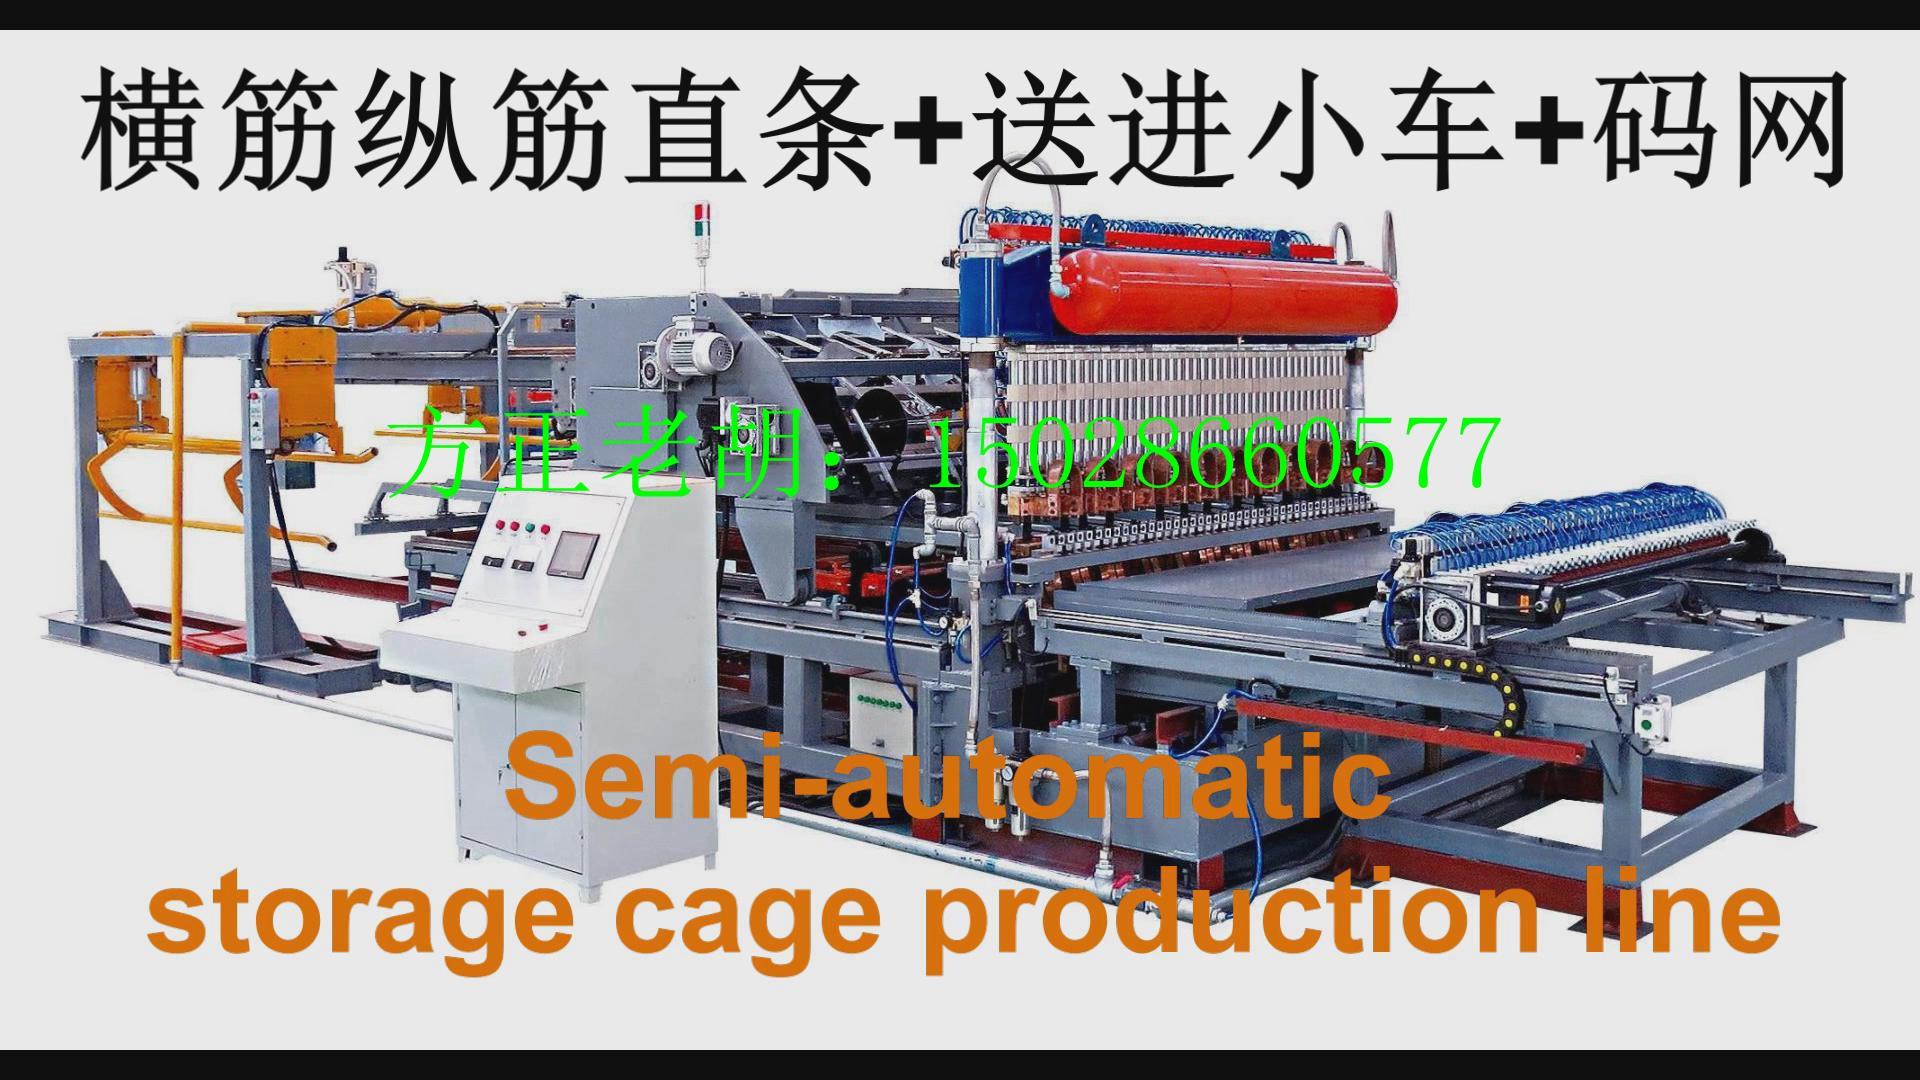 交流排焊机报价 厂家图片